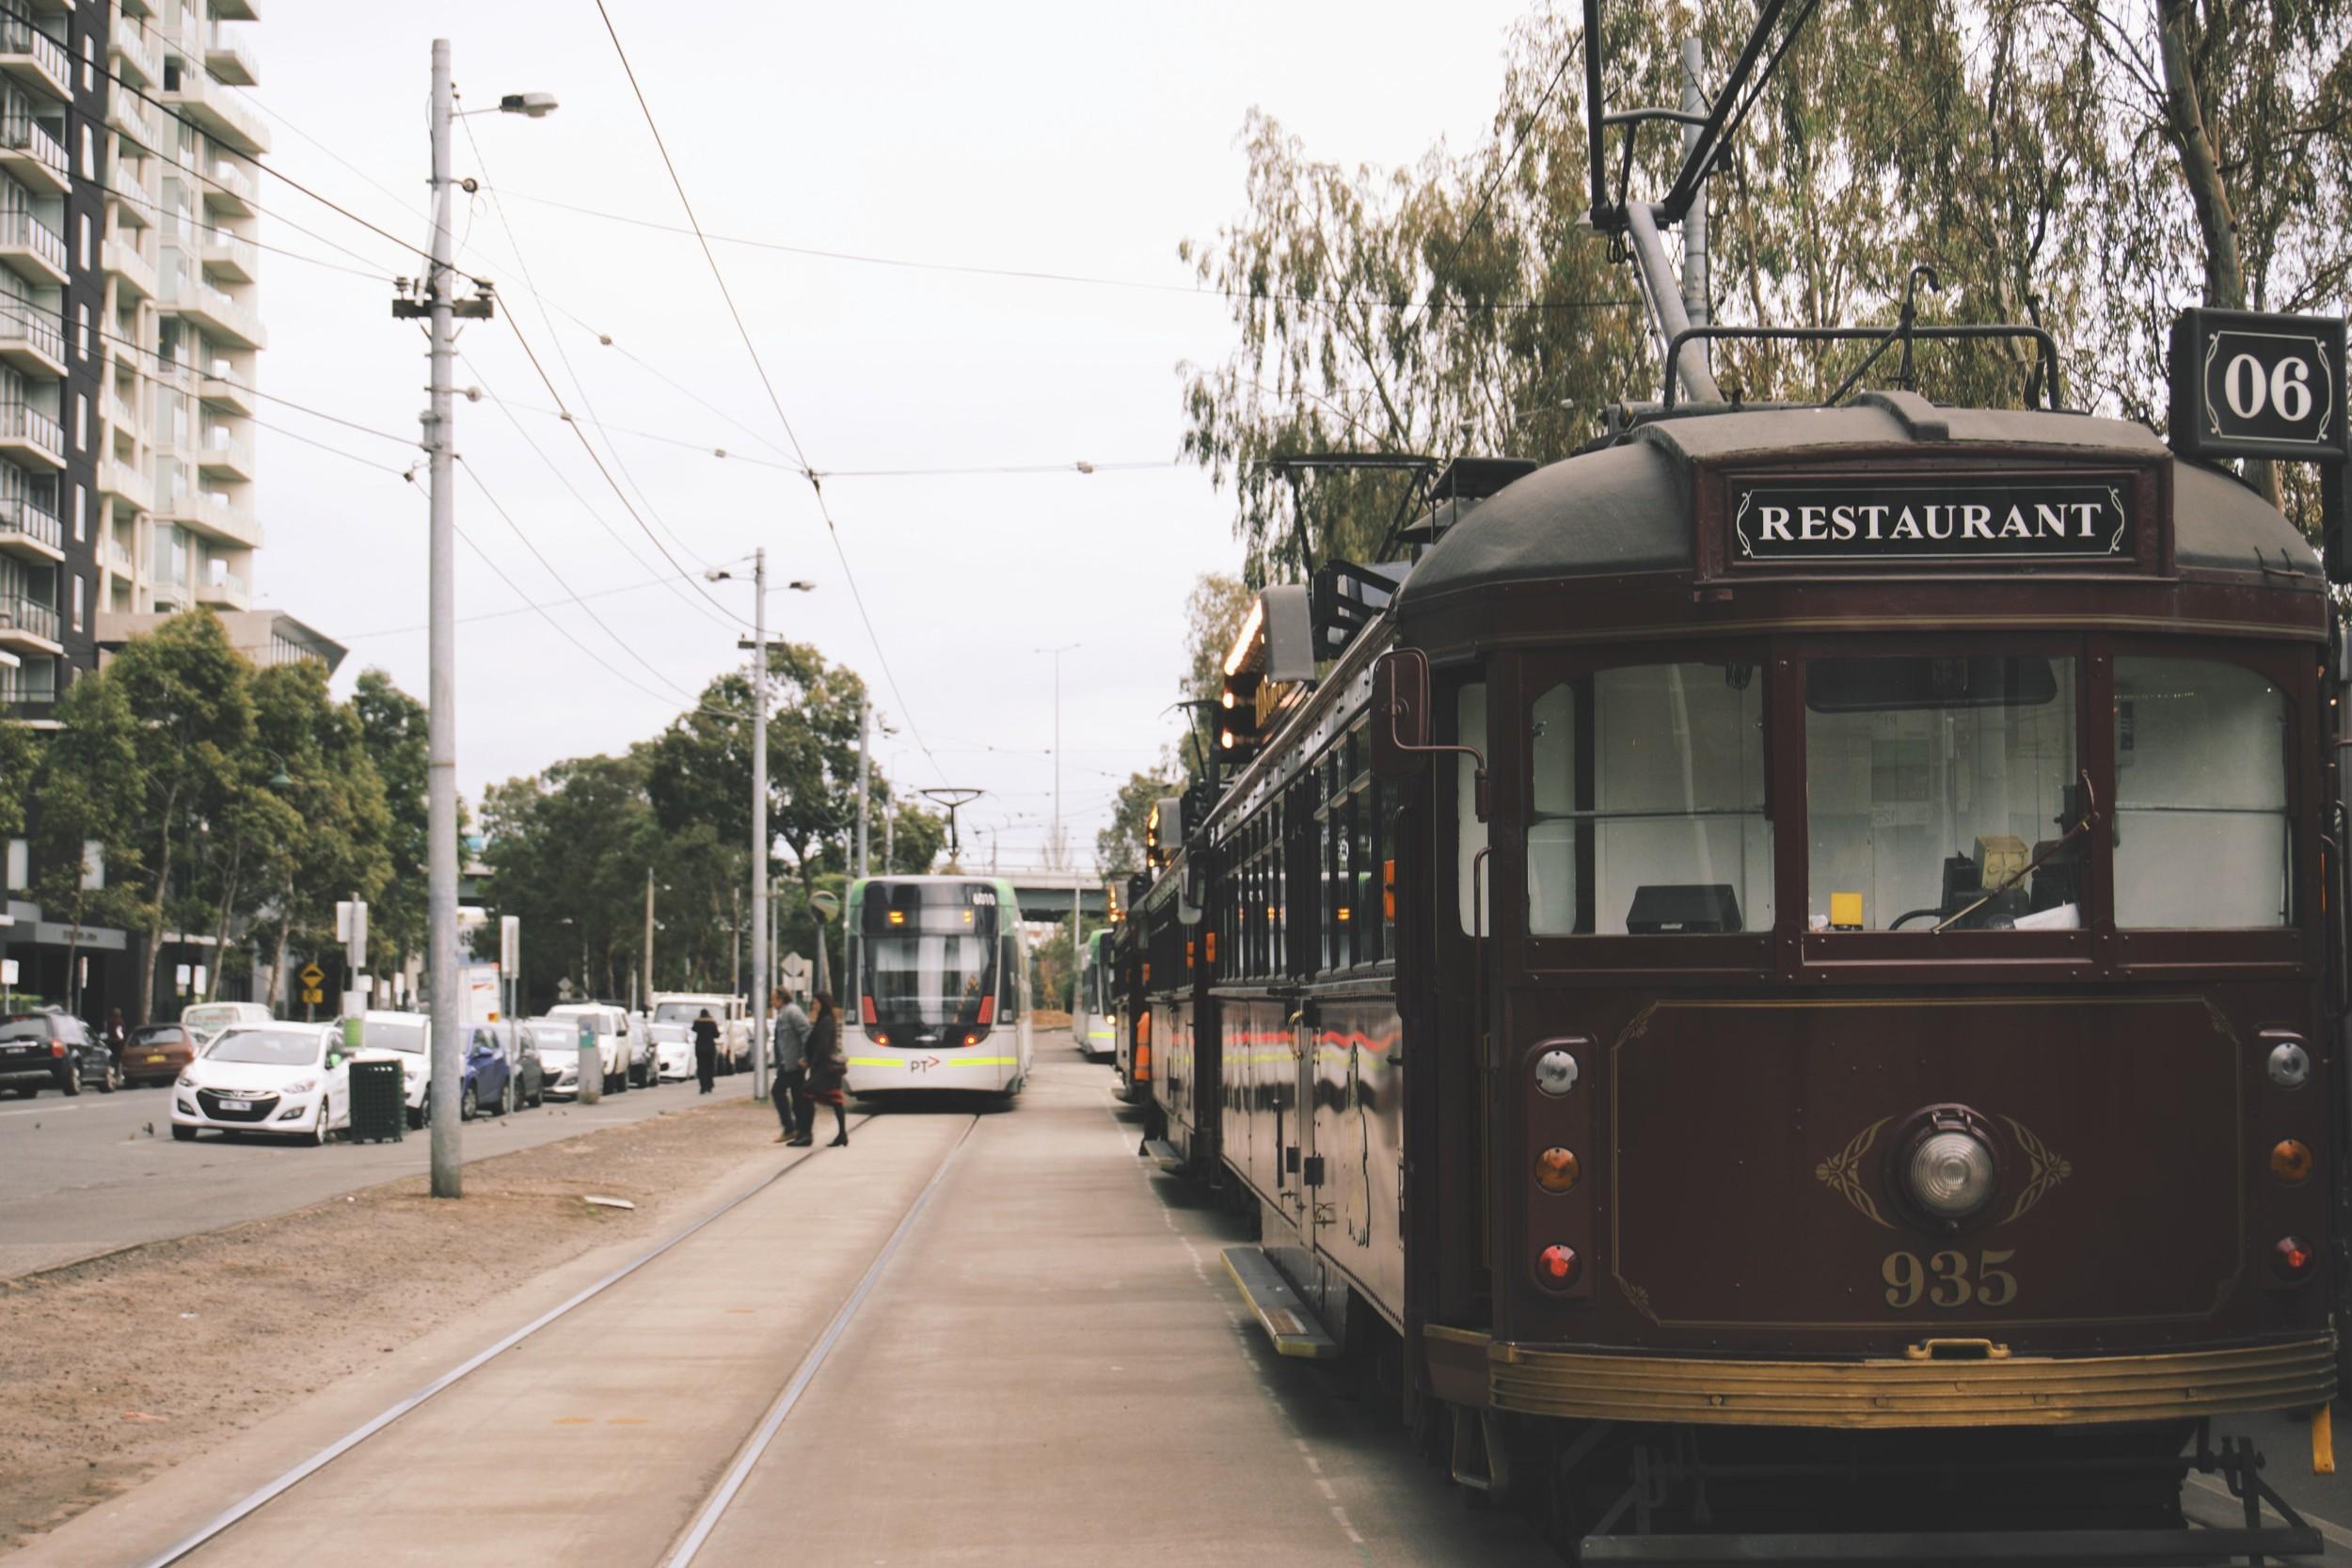 tramcar_restaurant_ripejournal4